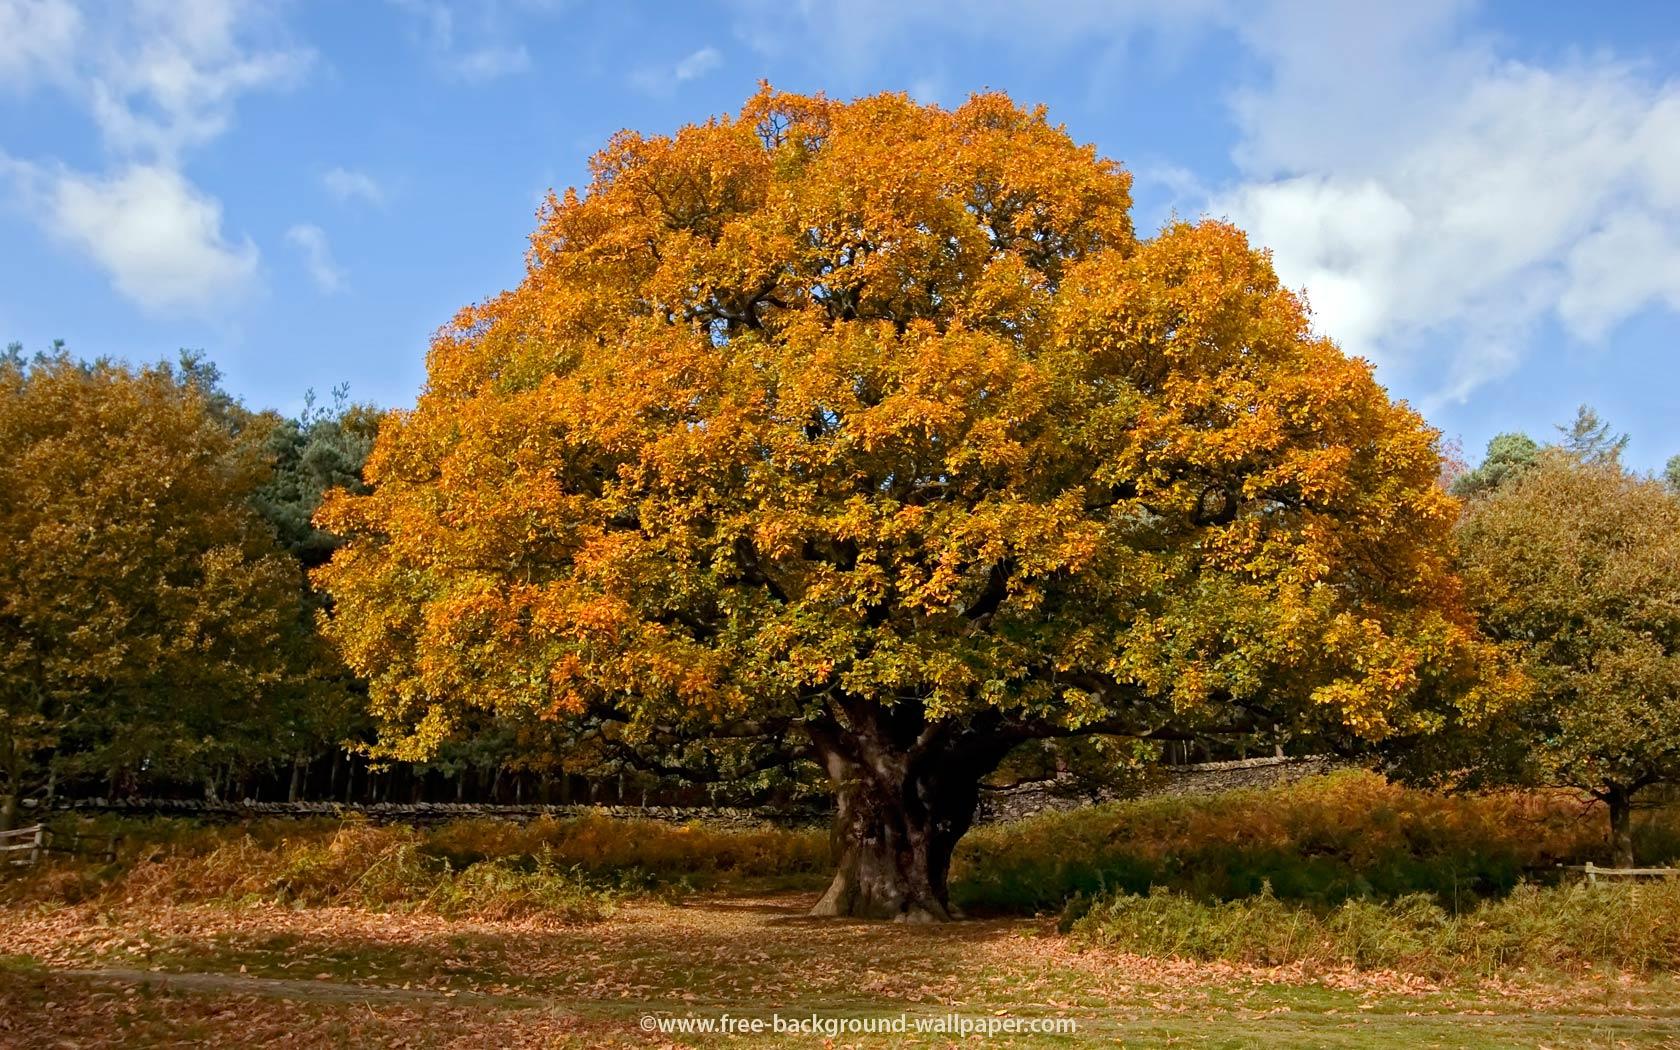 Oak Tree in Autumn Tree Backgrounds   1680x1050 pixels 1680x1050